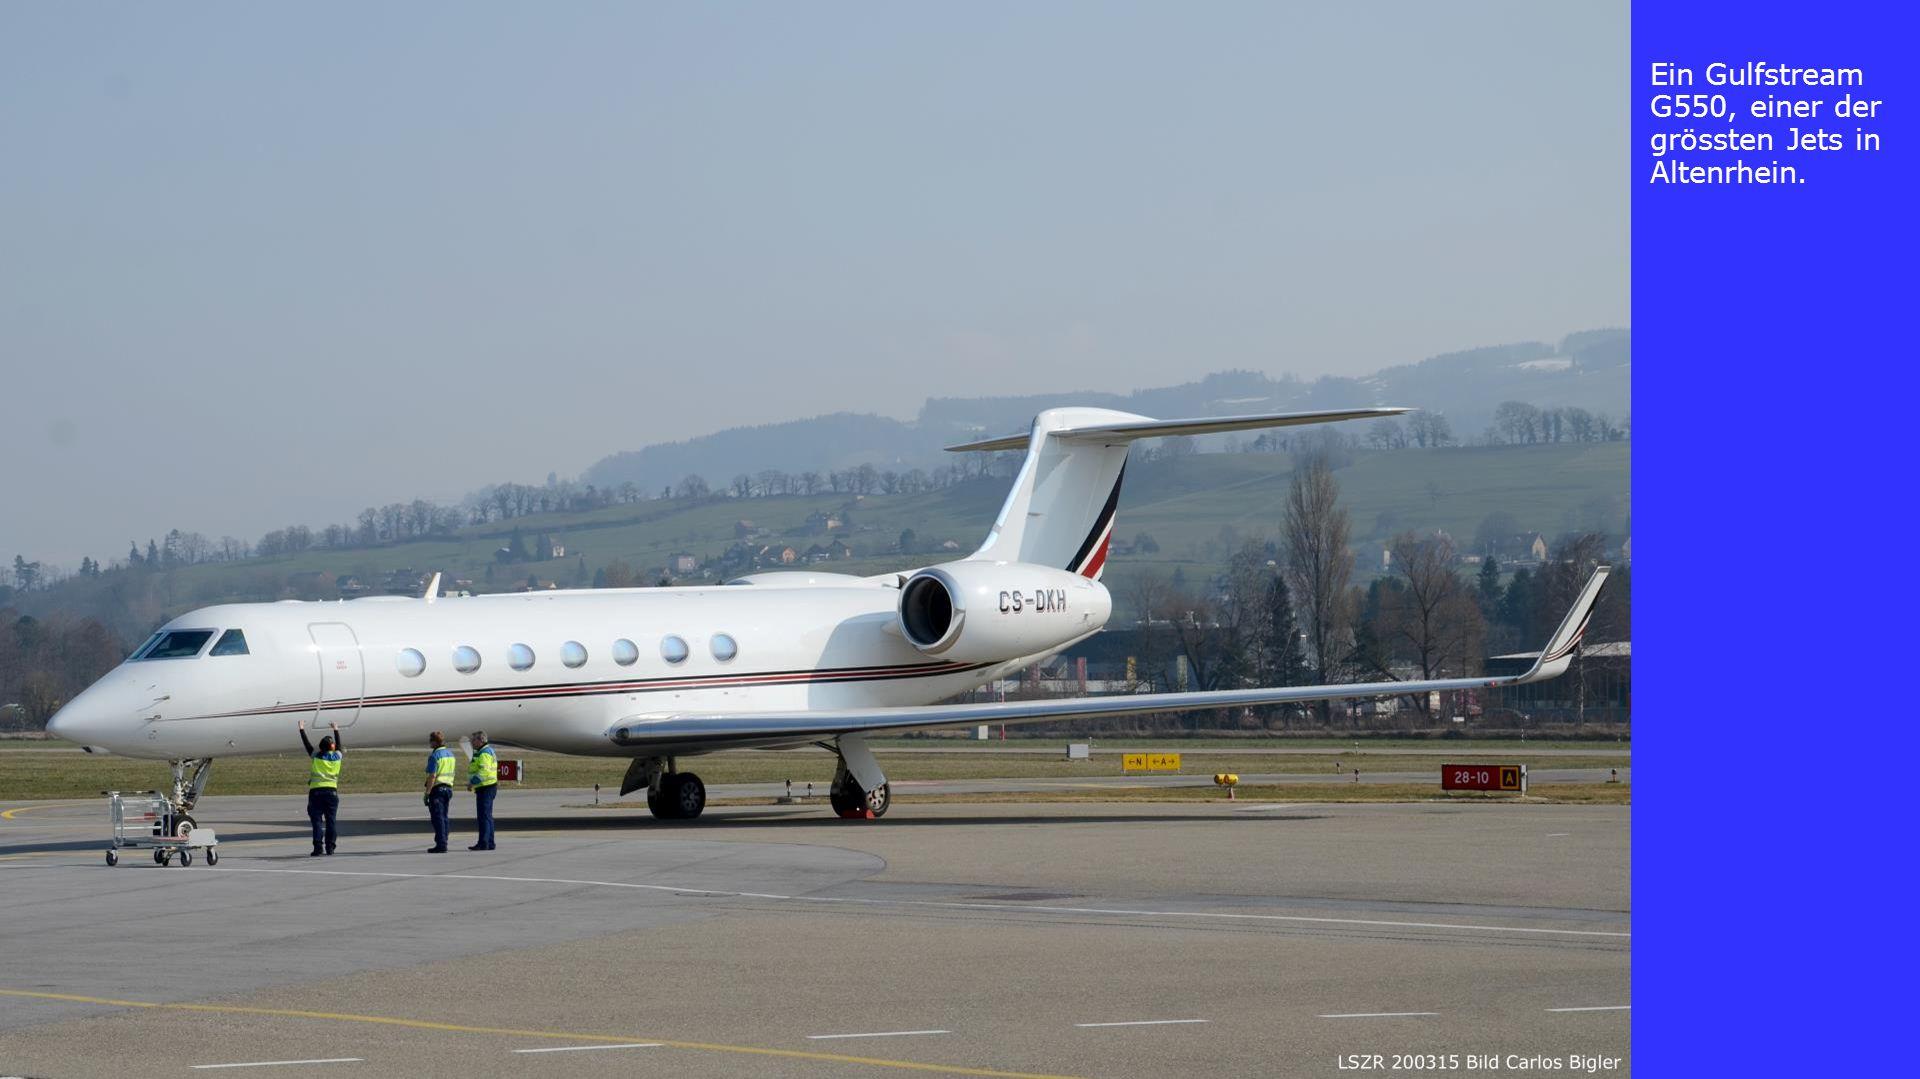 Ein Gulfstream G550, einer der grössten Jets in Altenrhein.